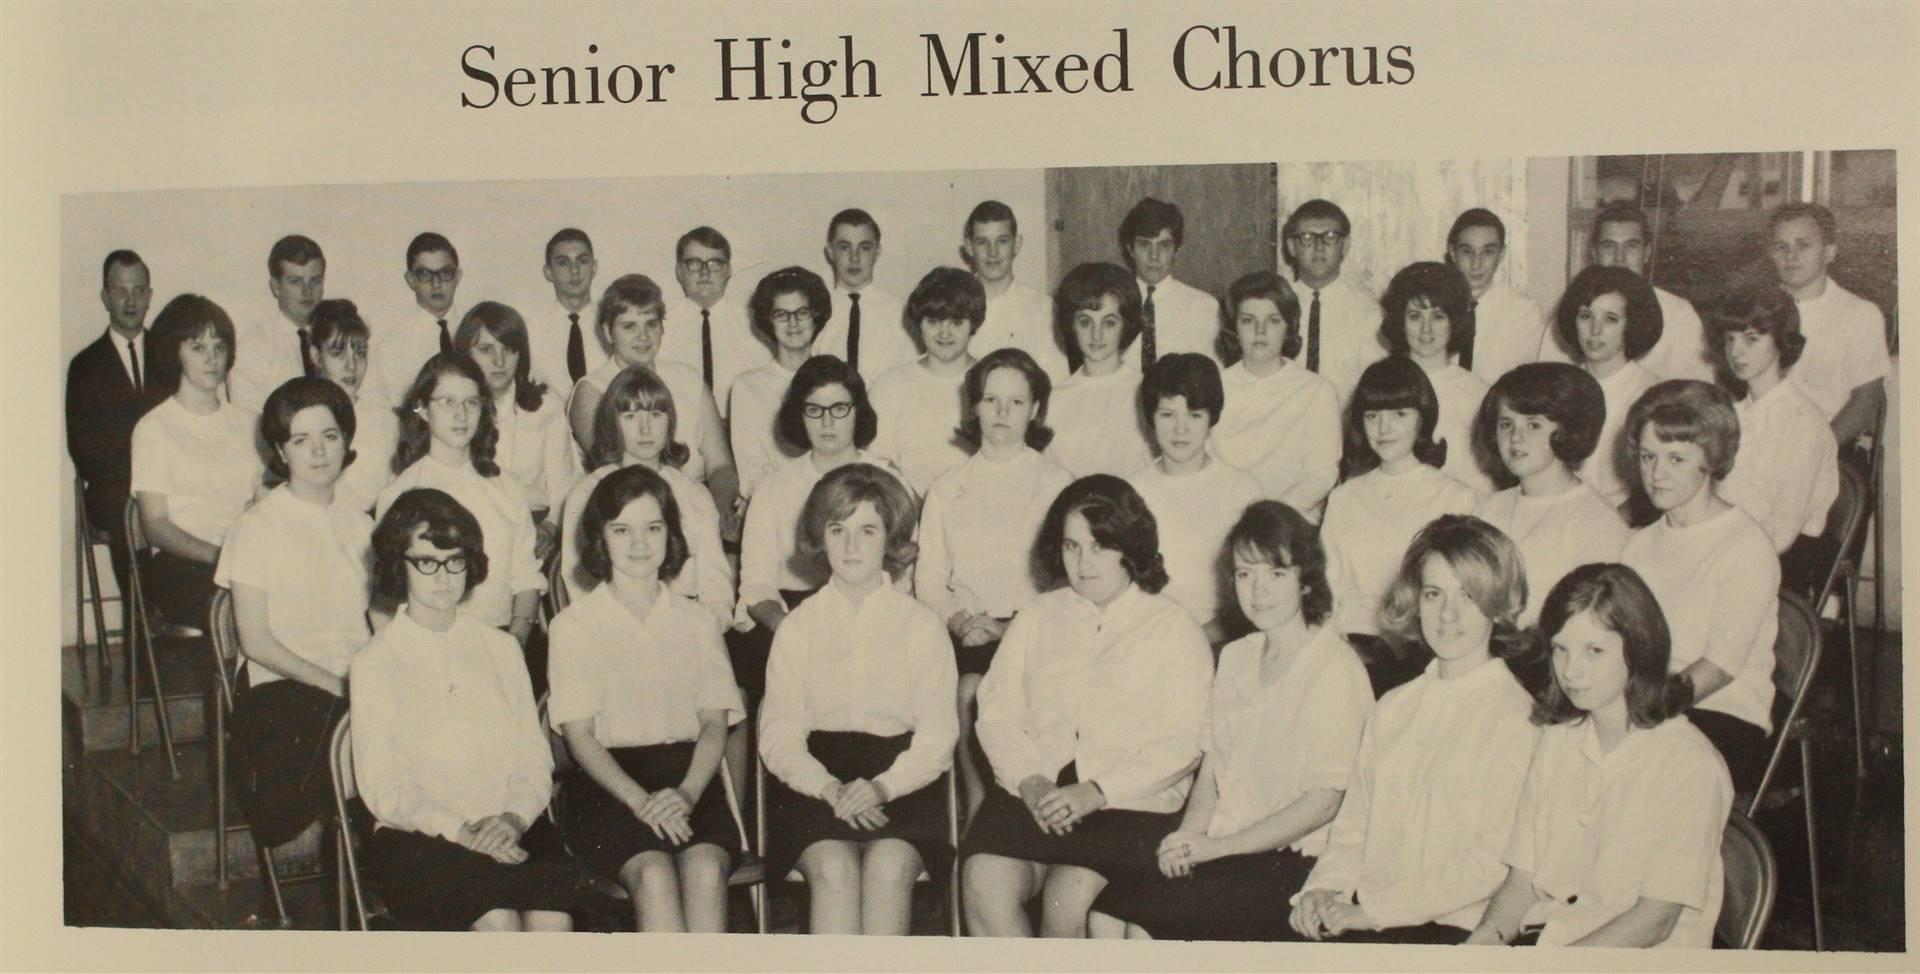 1967 Mixed Chorus